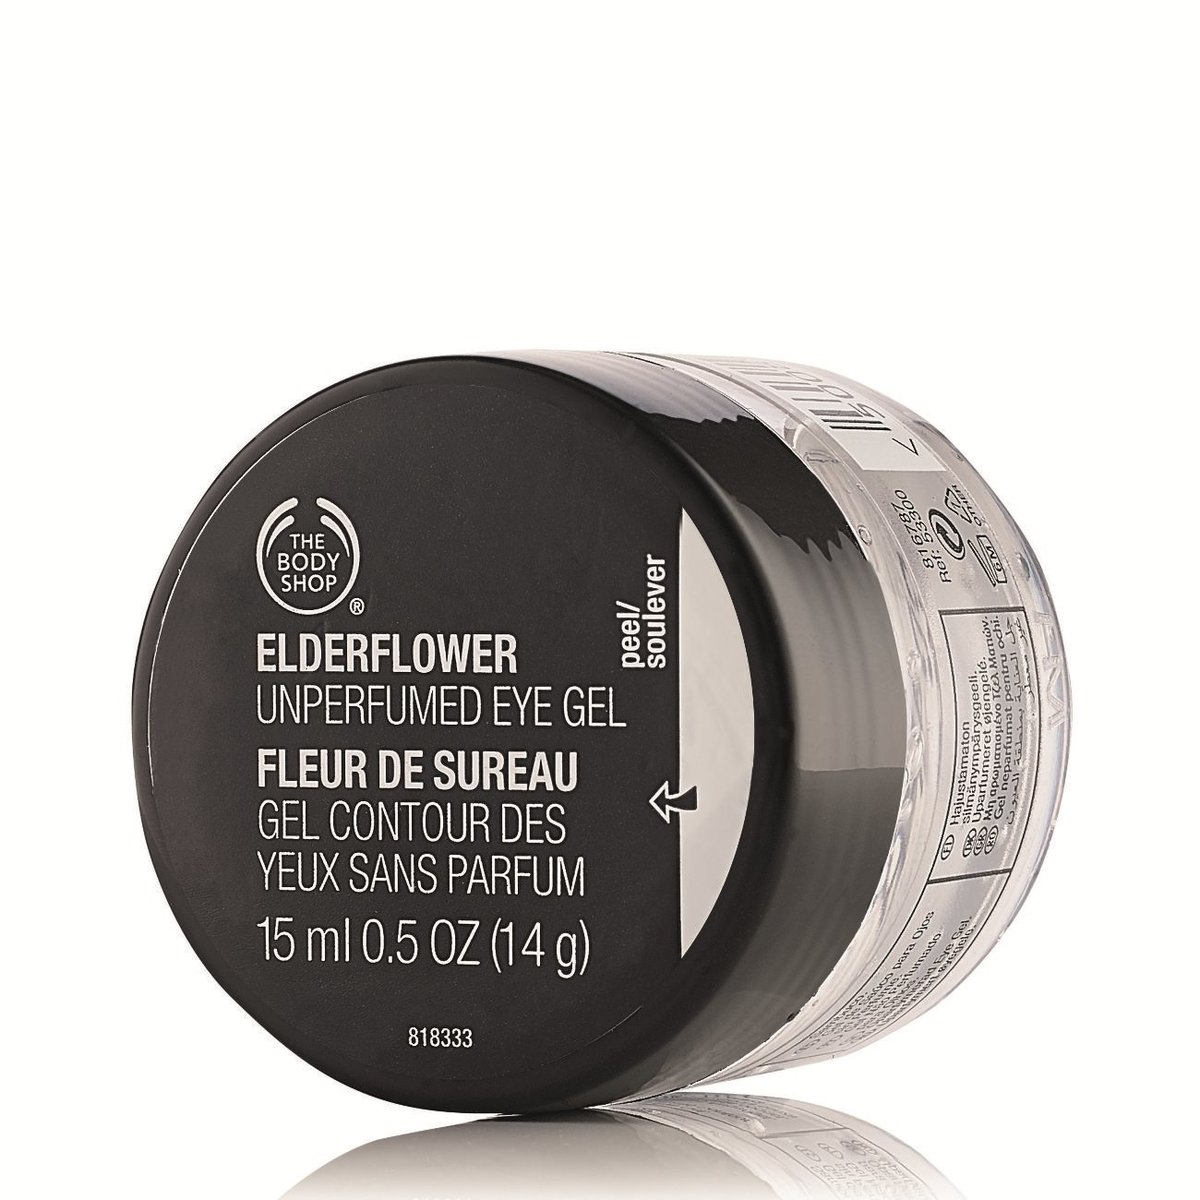 Elderflower Unperfumed Eye Gel